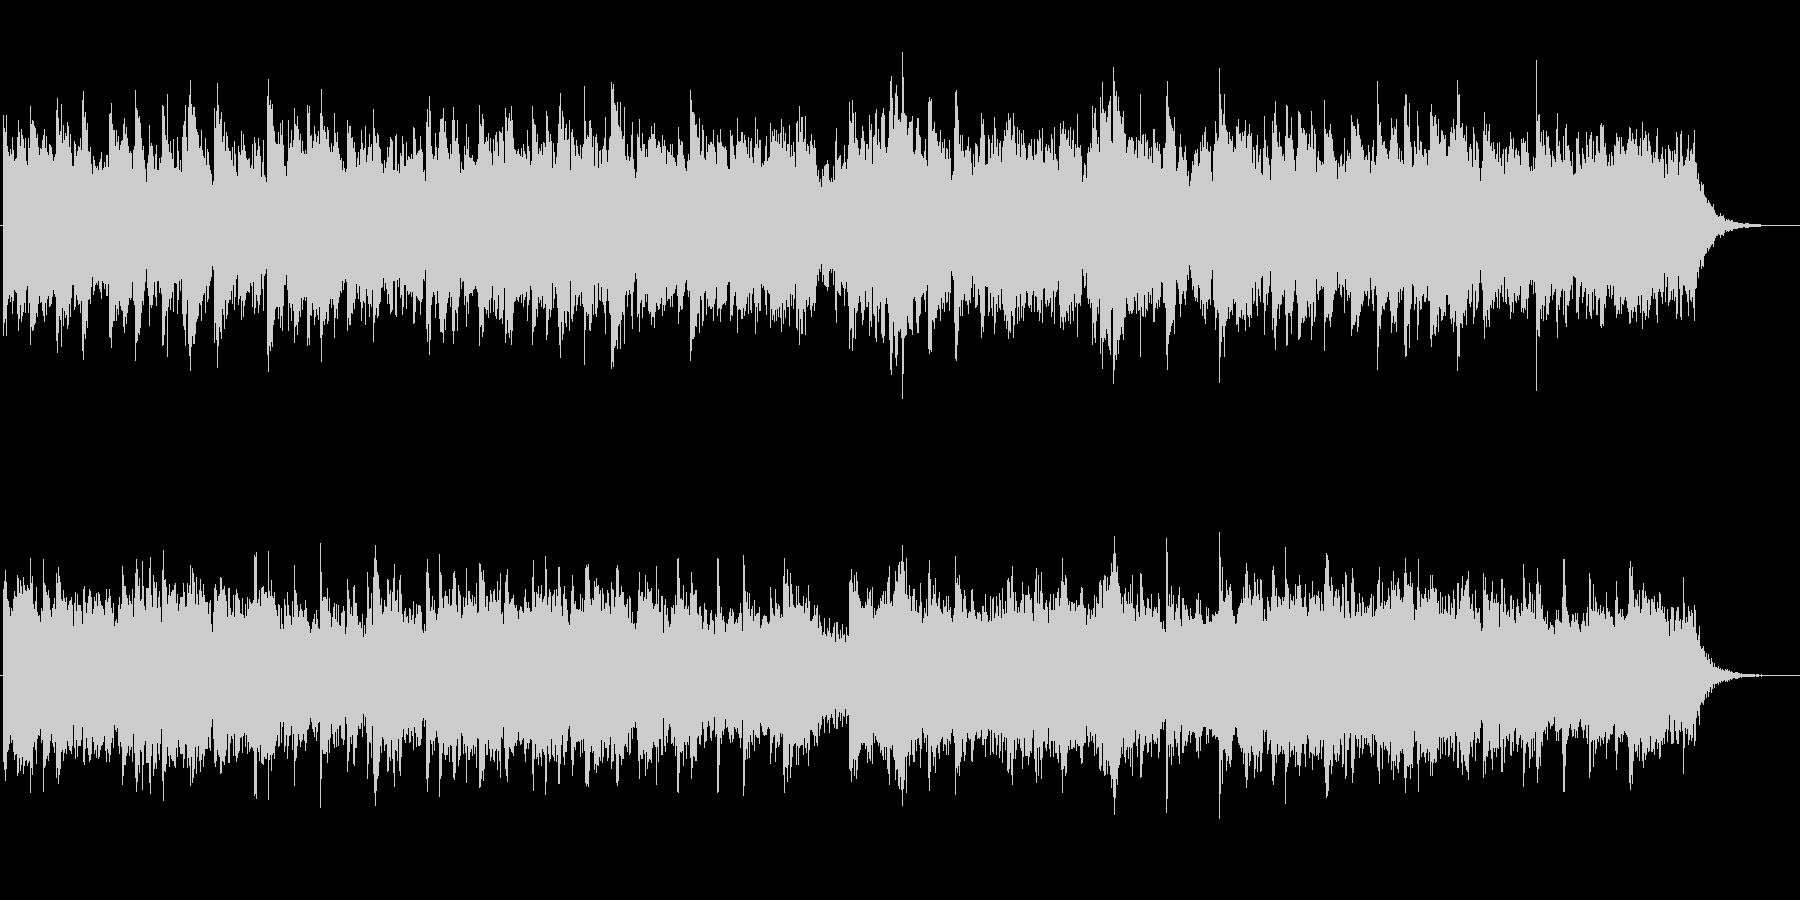 クワイアと古楽器のファンタジックな曲の未再生の波形